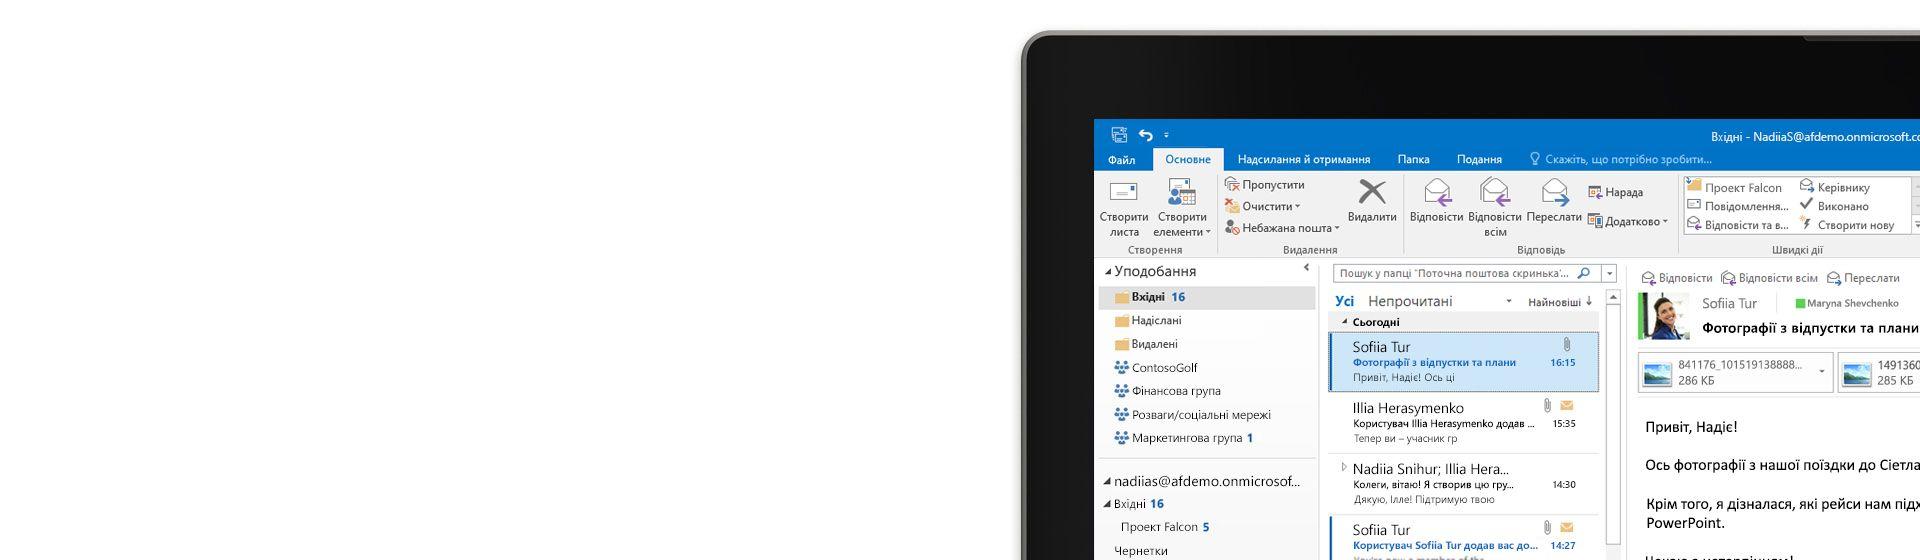 Microsoft Outlook на планшеті з відкритим вікном попереднього перегляду повідомлень